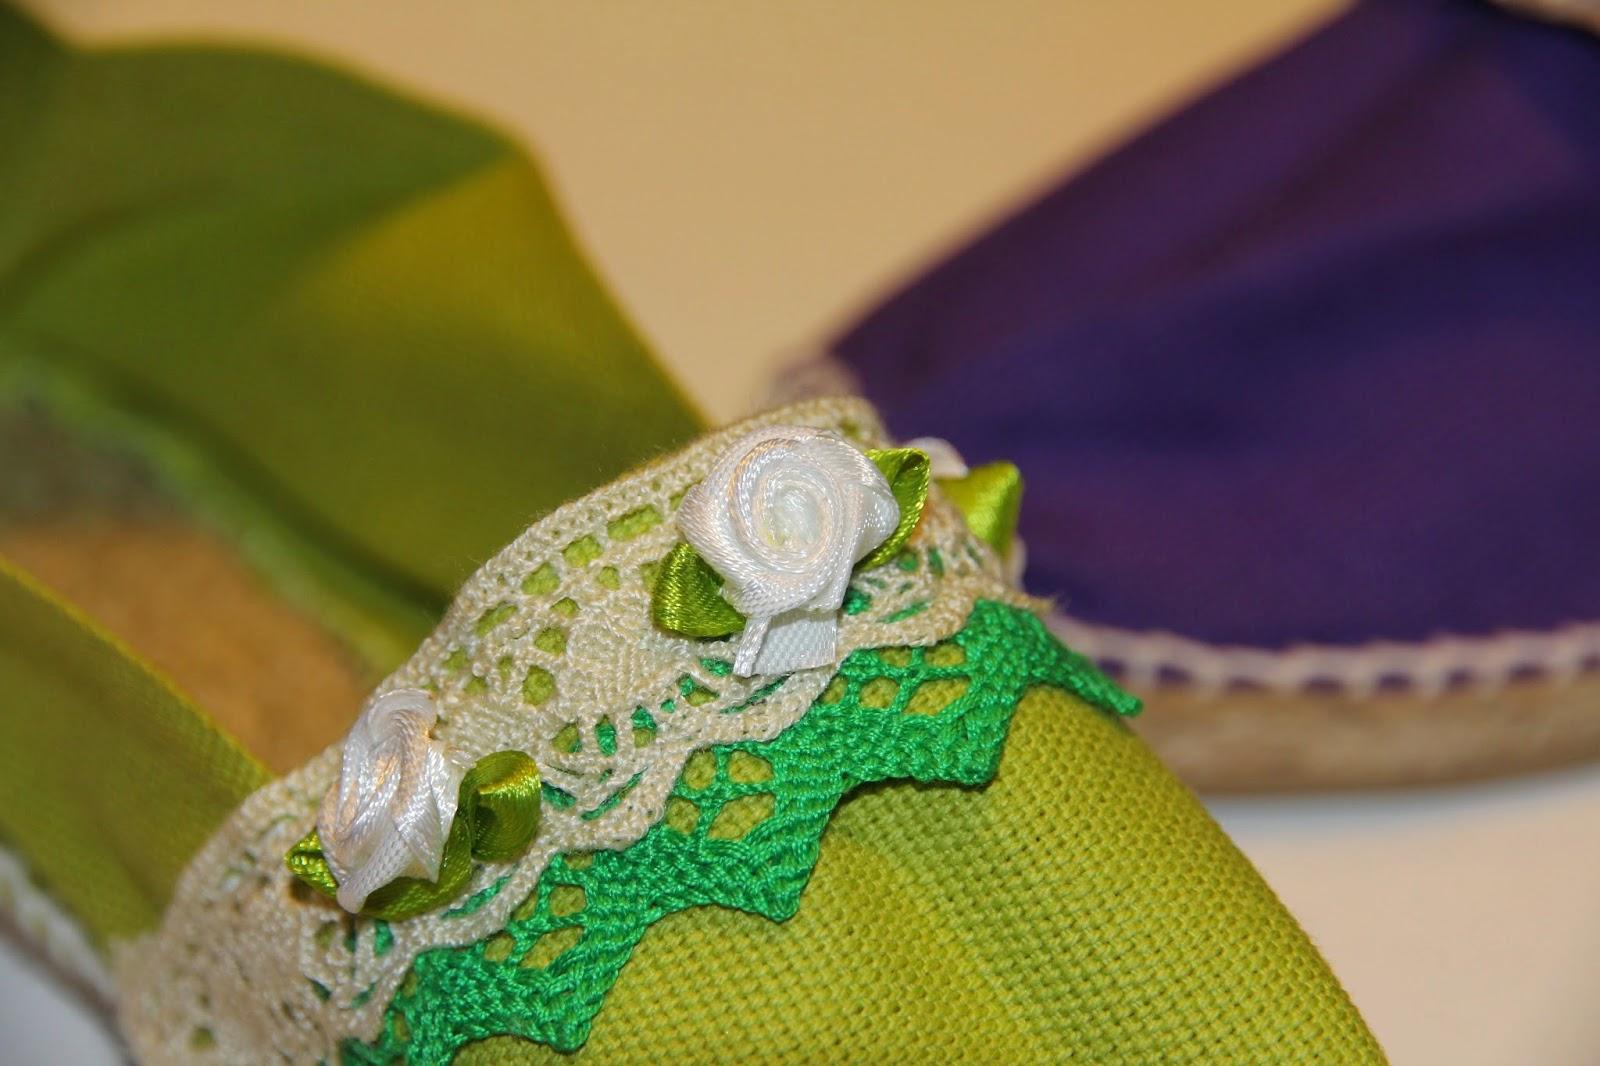 Las de color verde están decoradas sólo con puntillas y con flores de raso, pero con un resultado igual de bonito que las anteriores.